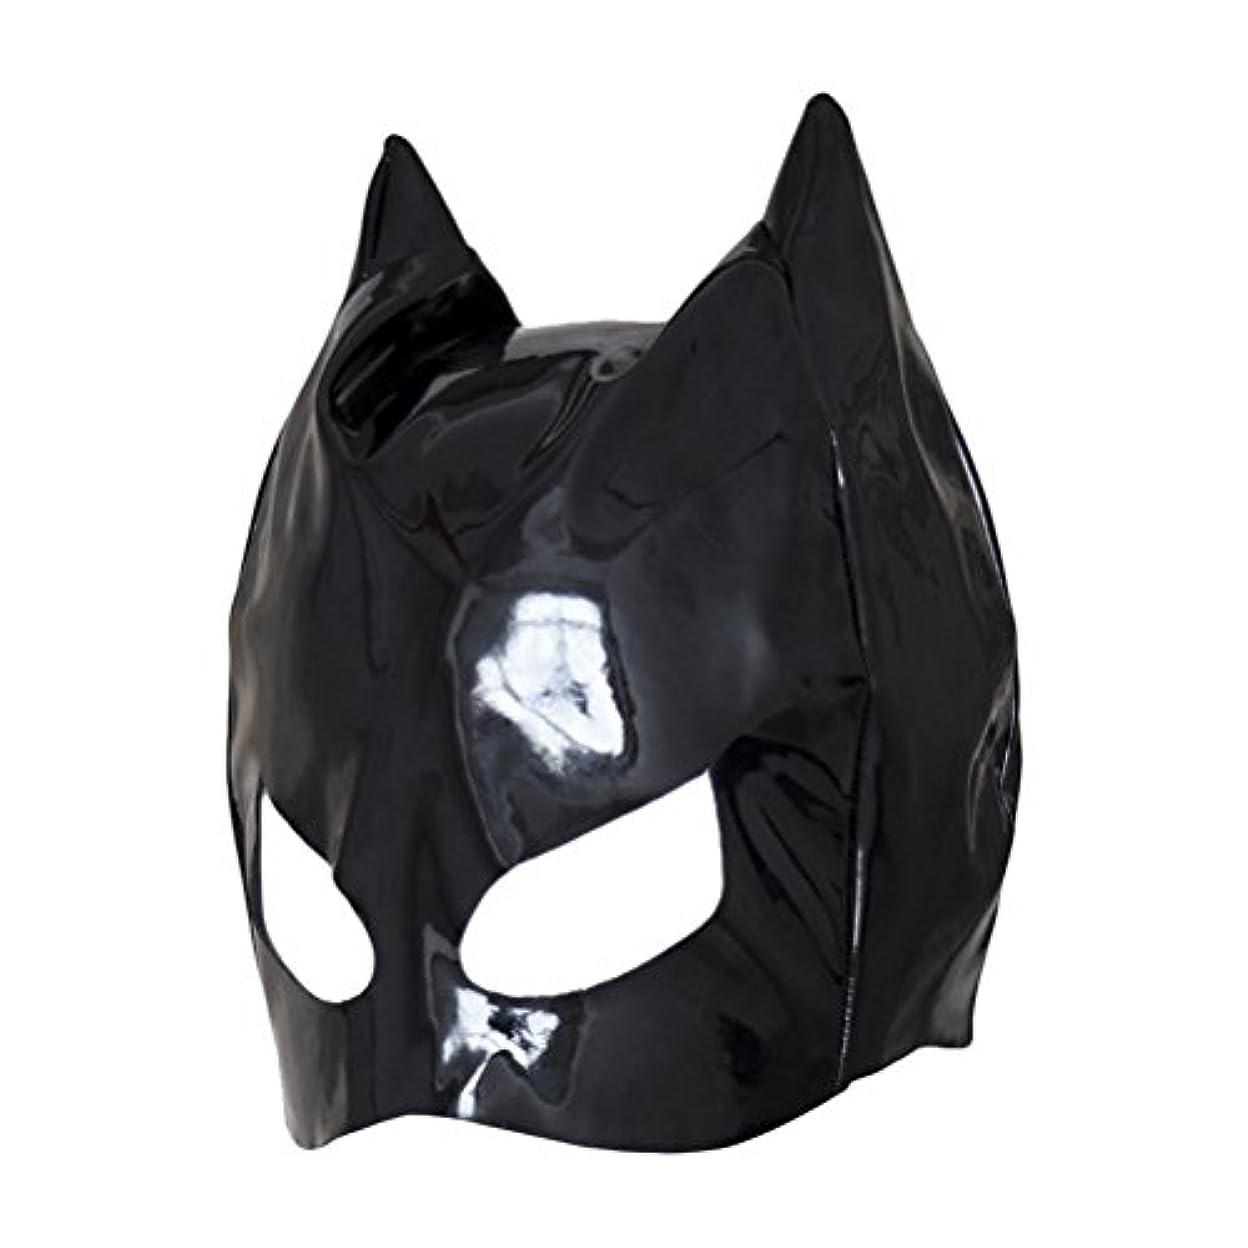 Healifty 全頭マスク フェイスカバー オープンアイズ PUレザーフード コスプレ 衣装帽子 ユニセックス (ブラック)